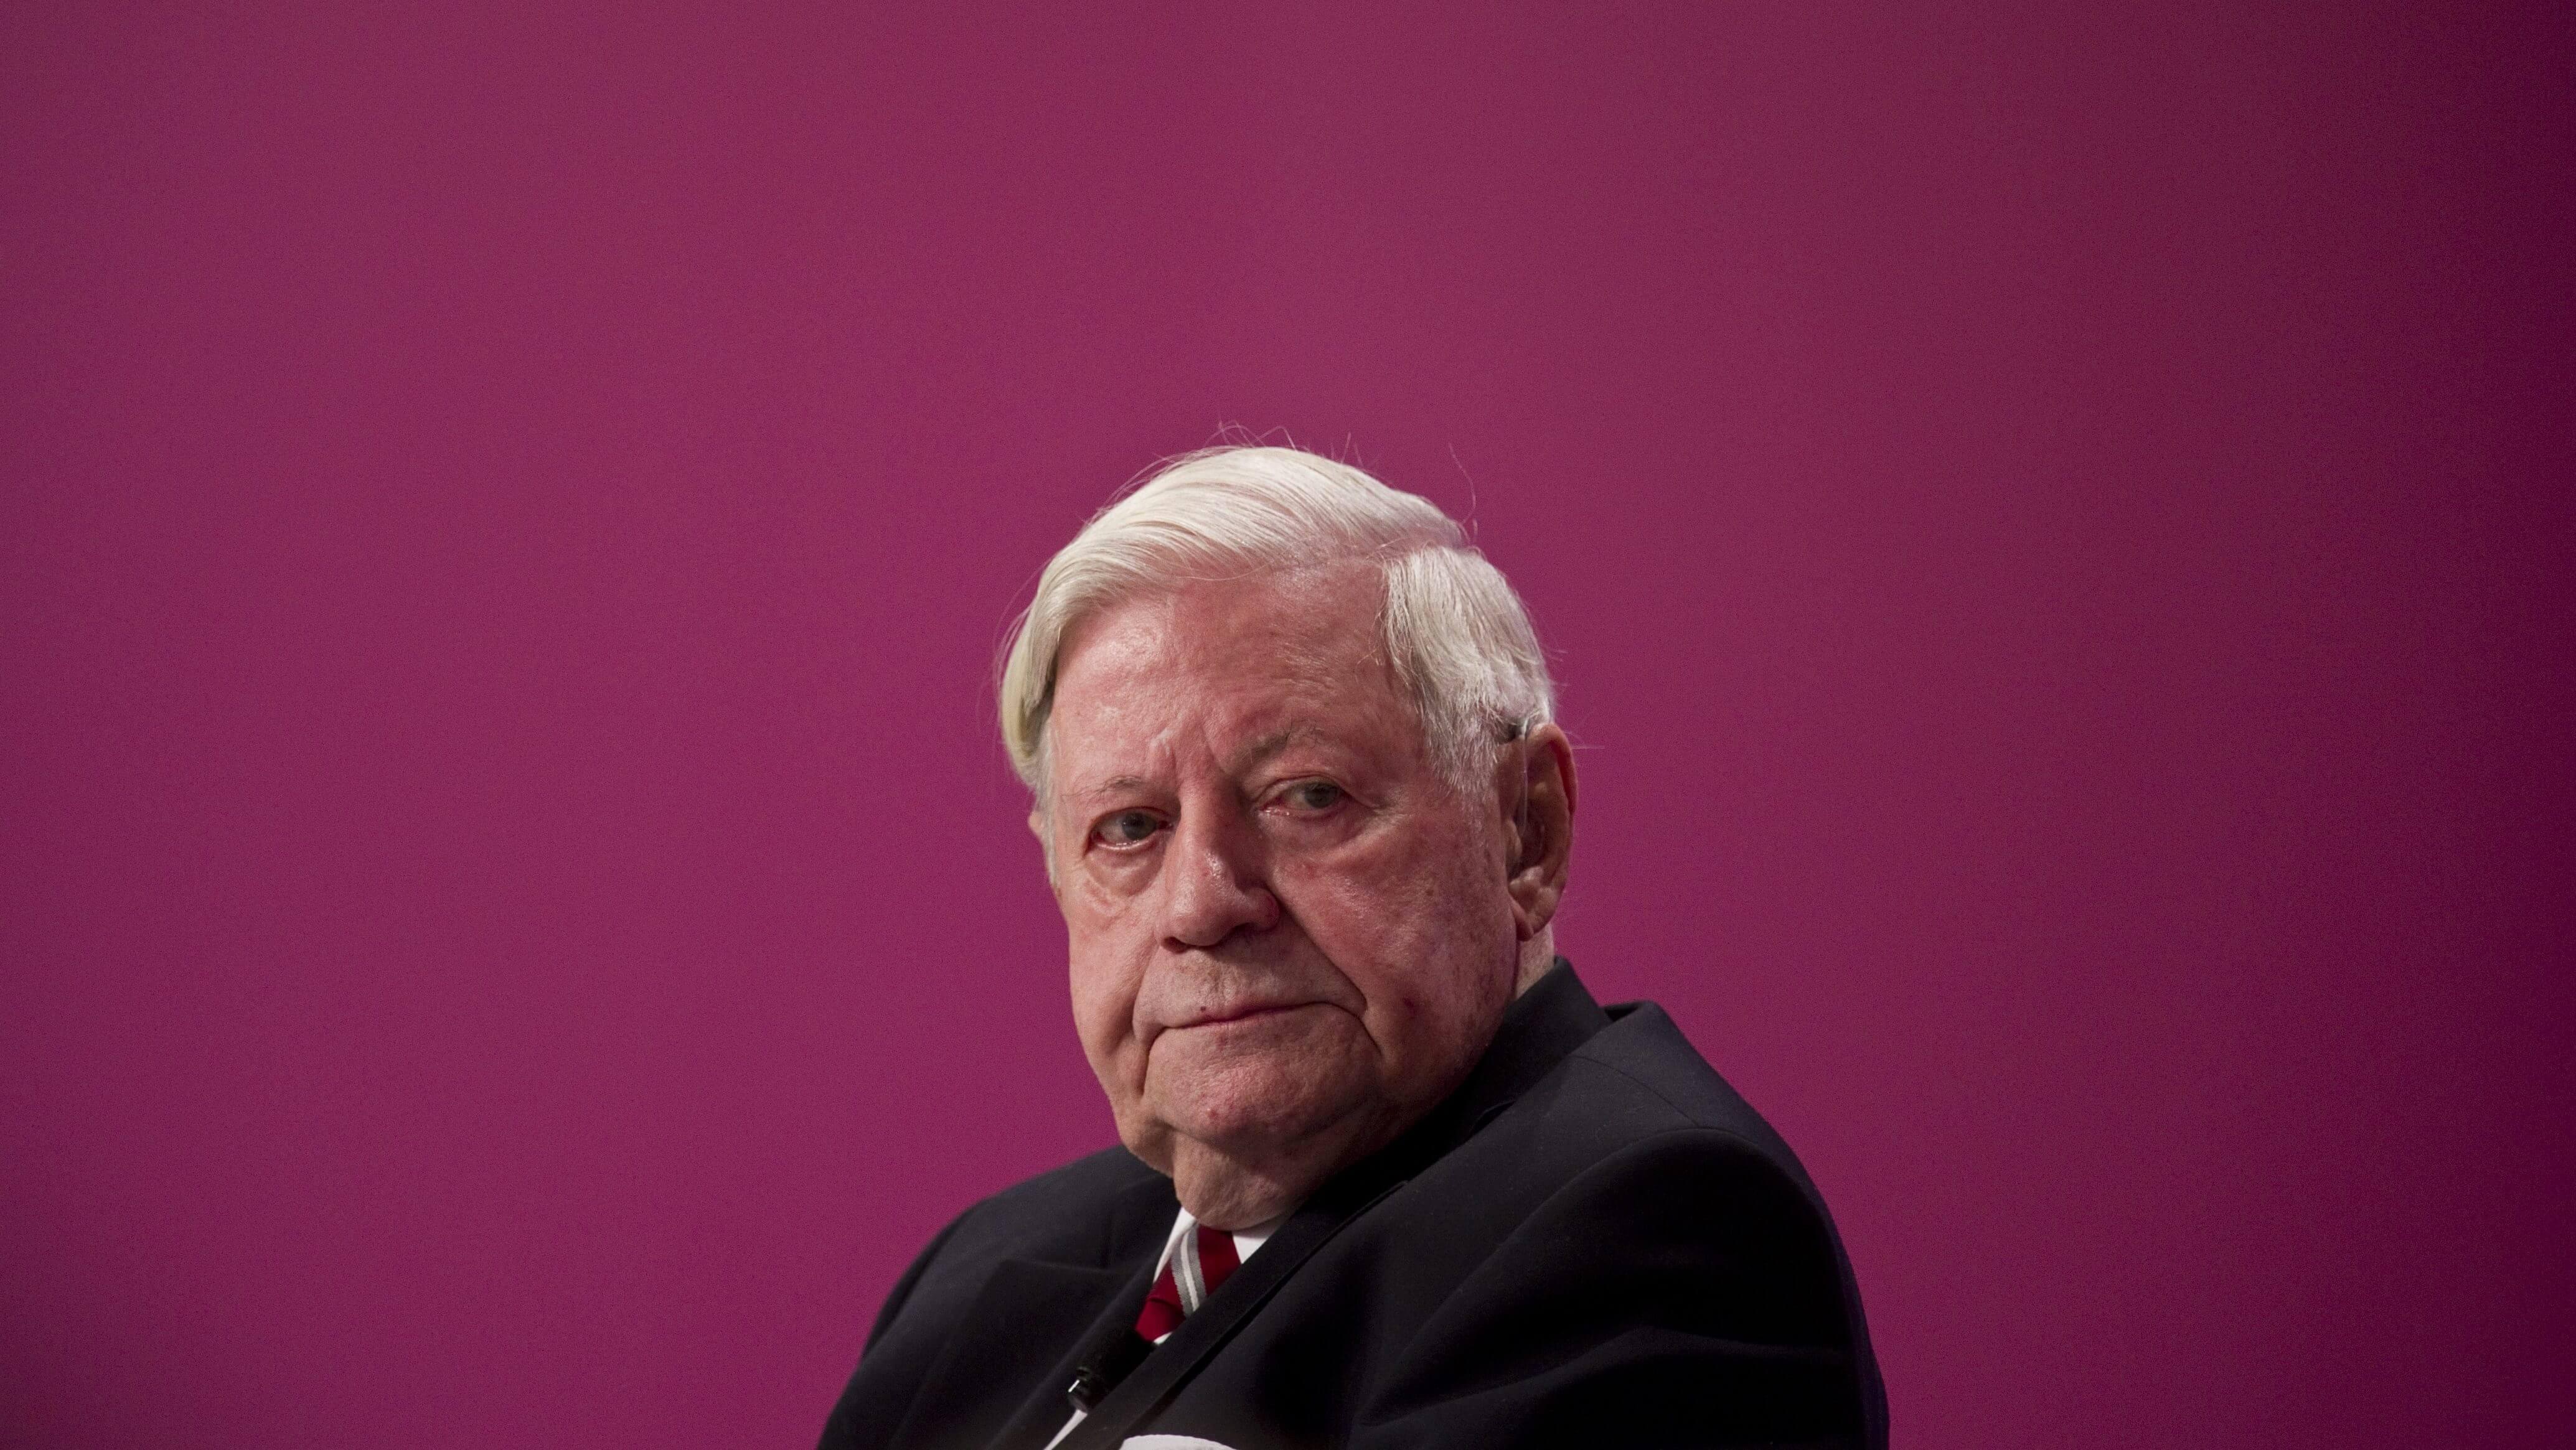 Helmut Schmidt Migration